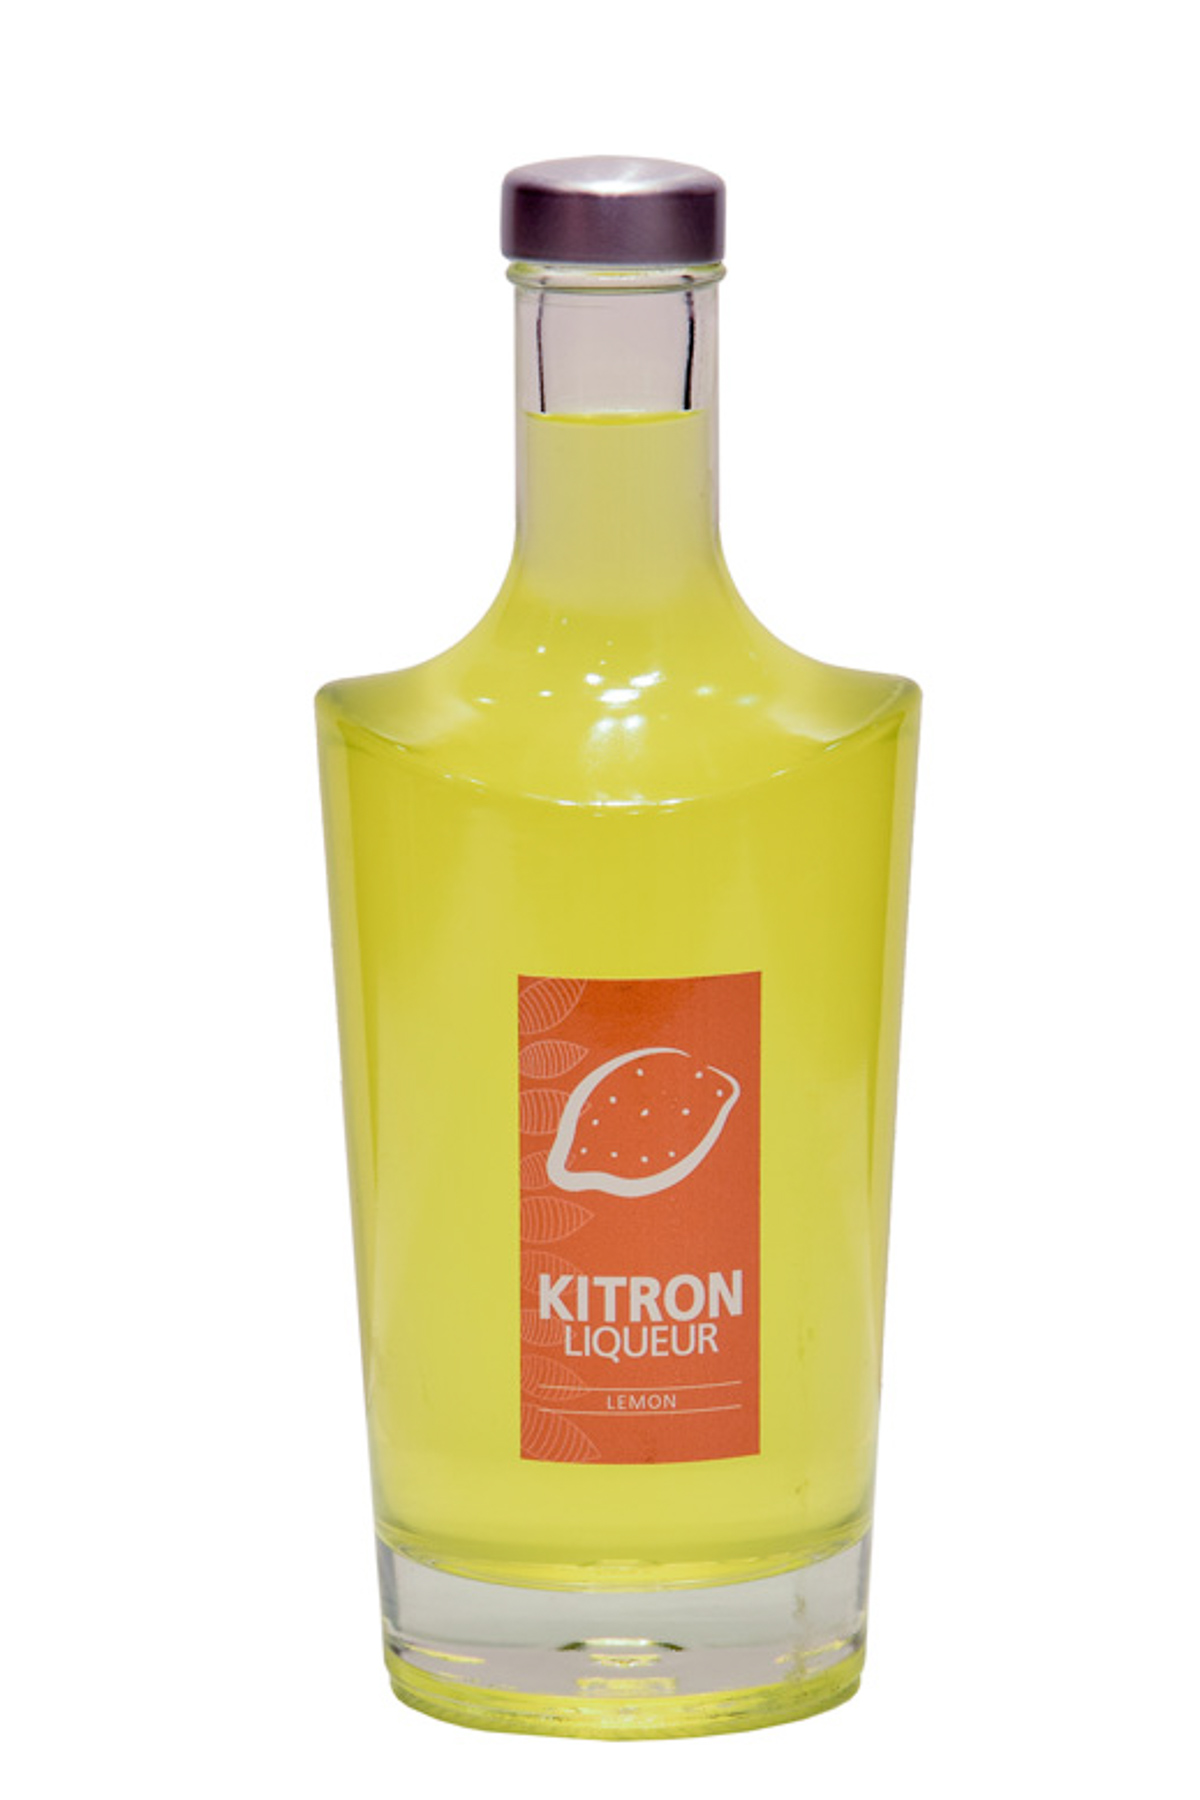 kitron greek liquor